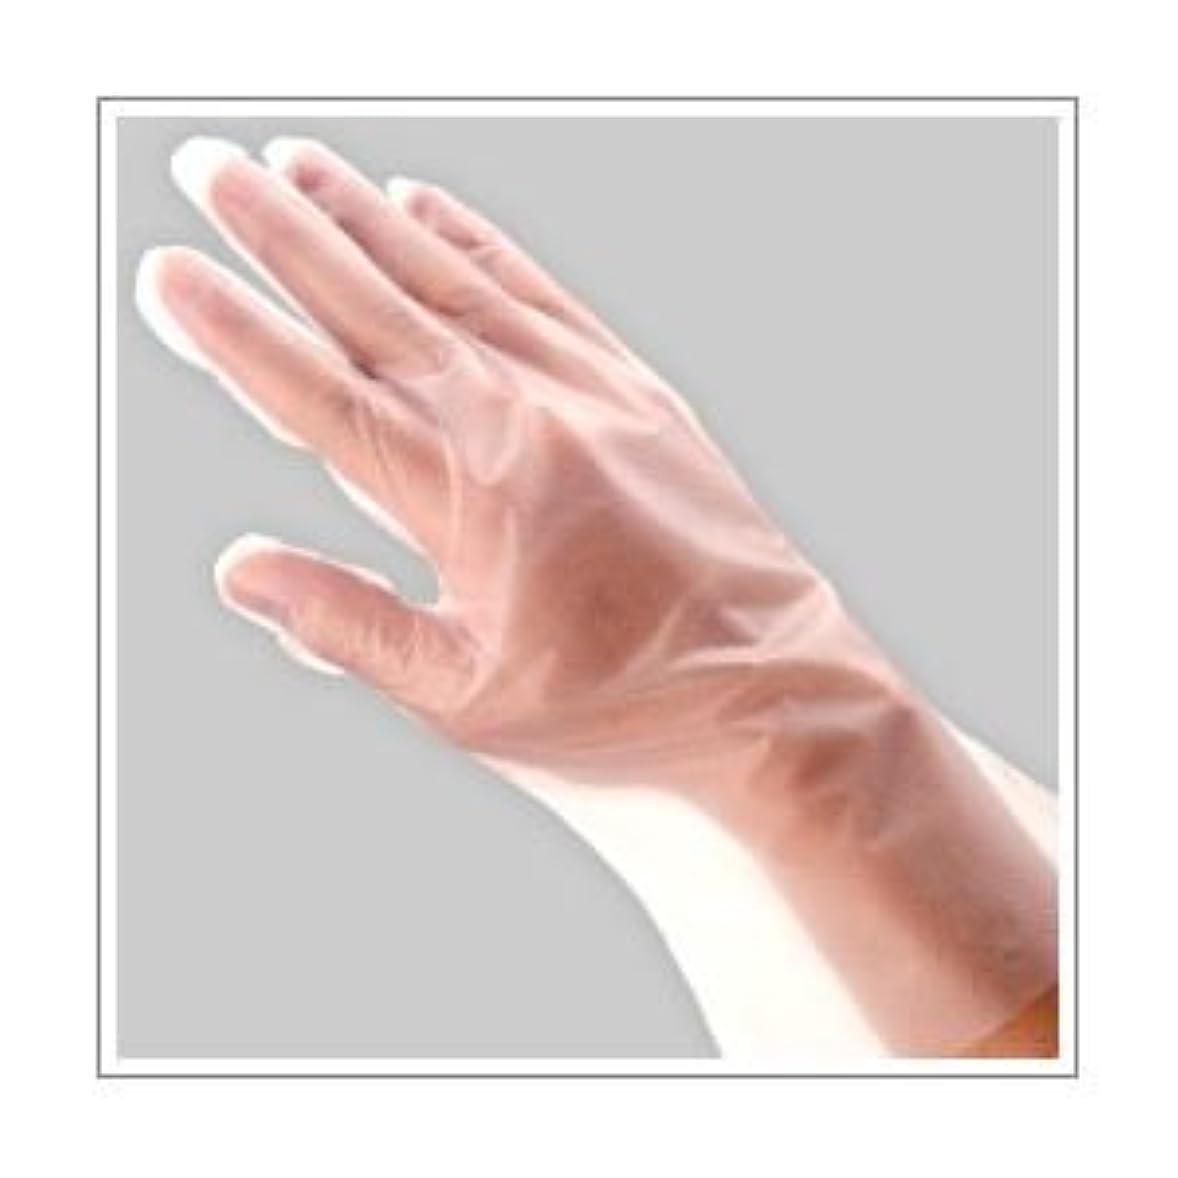 太字責めるとして福助工業 ポリ手袋 指フィット 100枚パック M ×10セット